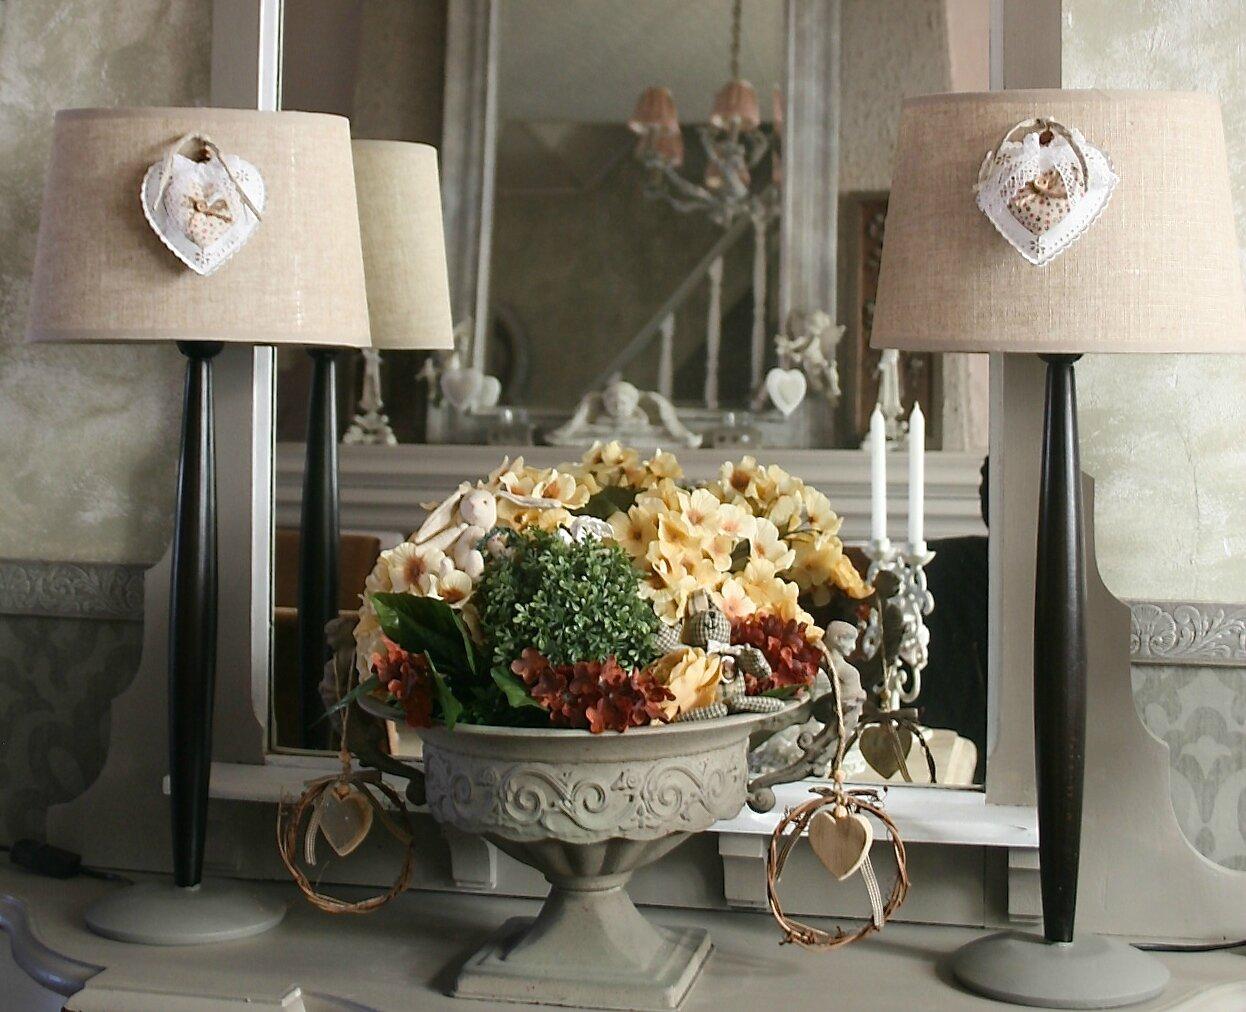 Lampes 2 Grandes Ou De D'appoint Commode Pour Chevets Table wON8Pkn0X